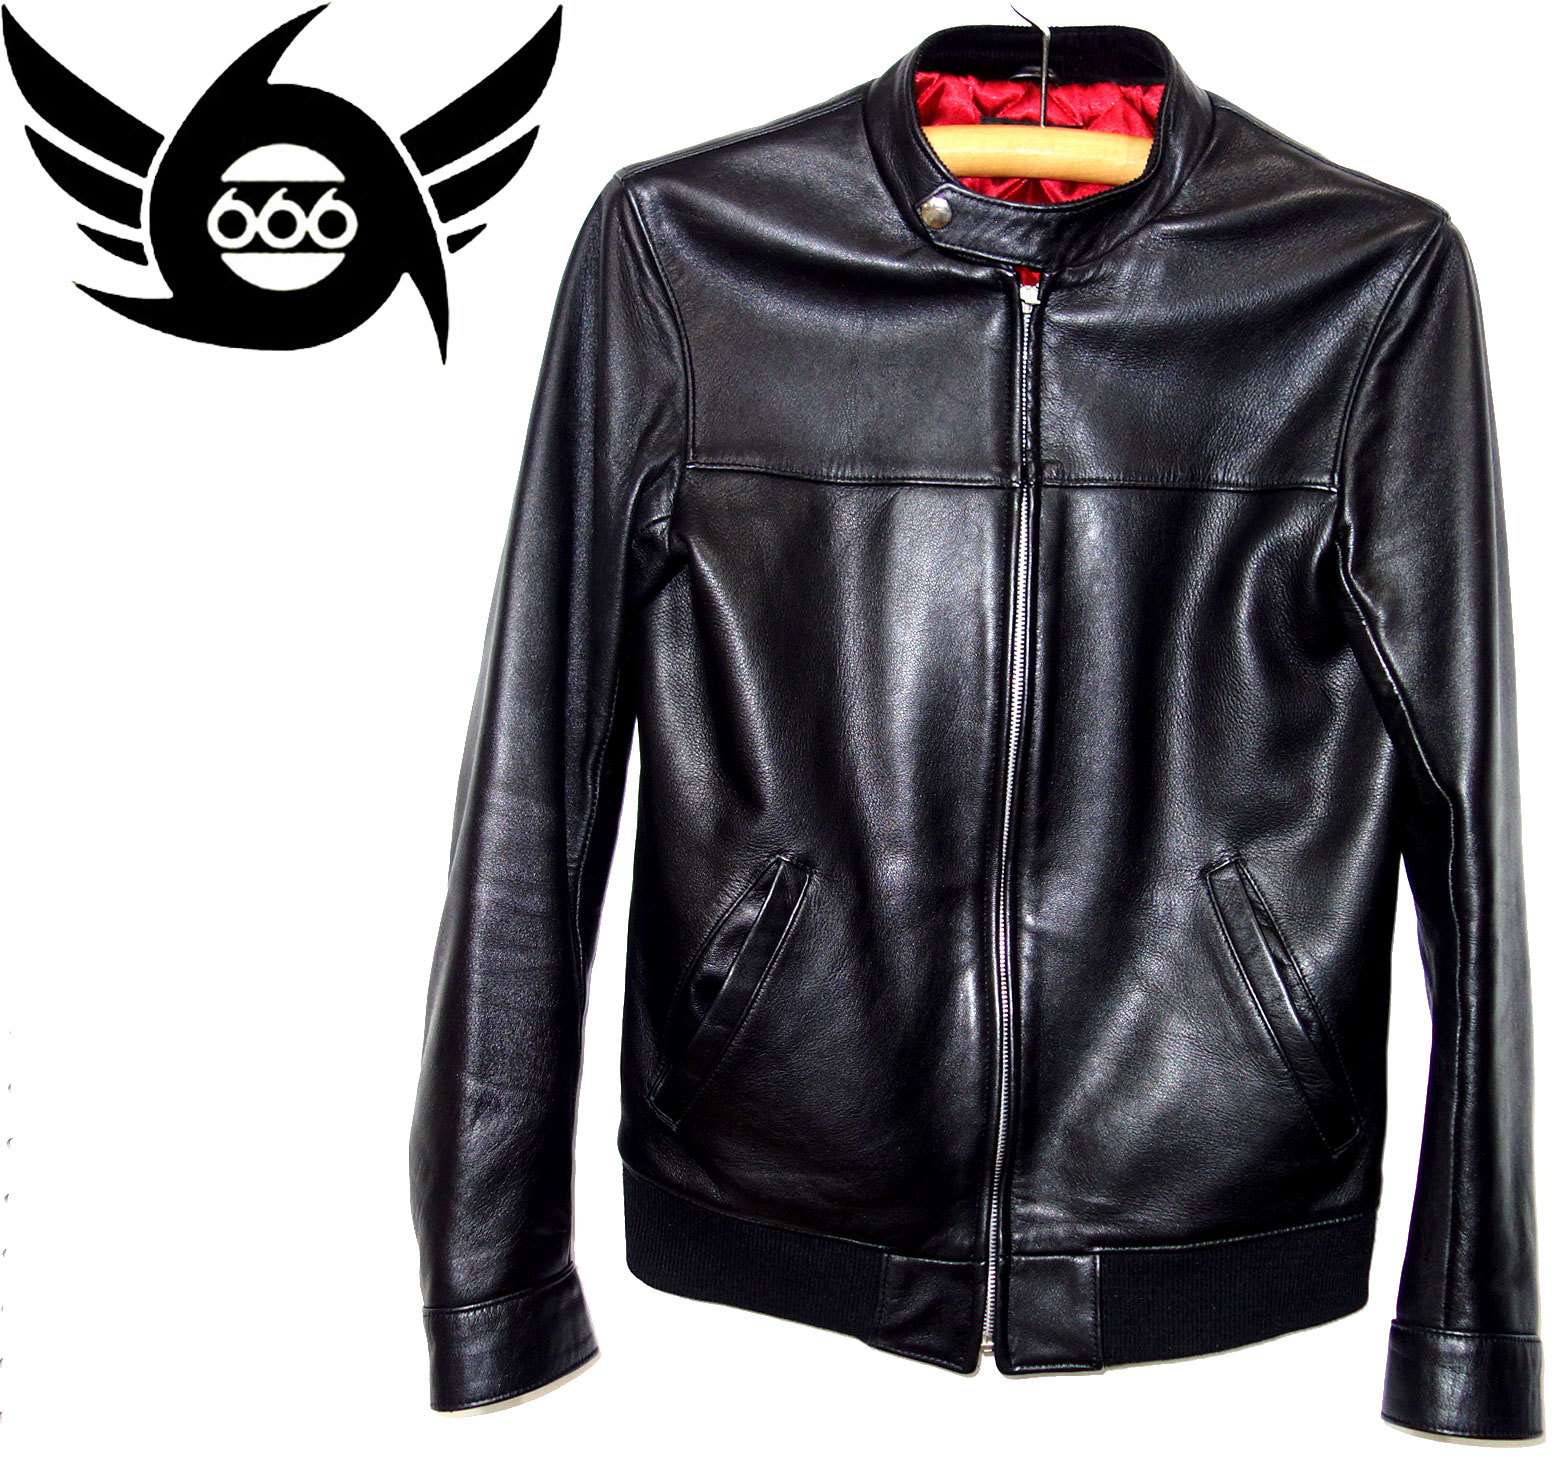 お買取商品666トリプルシックスシングルレザーライダースジャケット黒